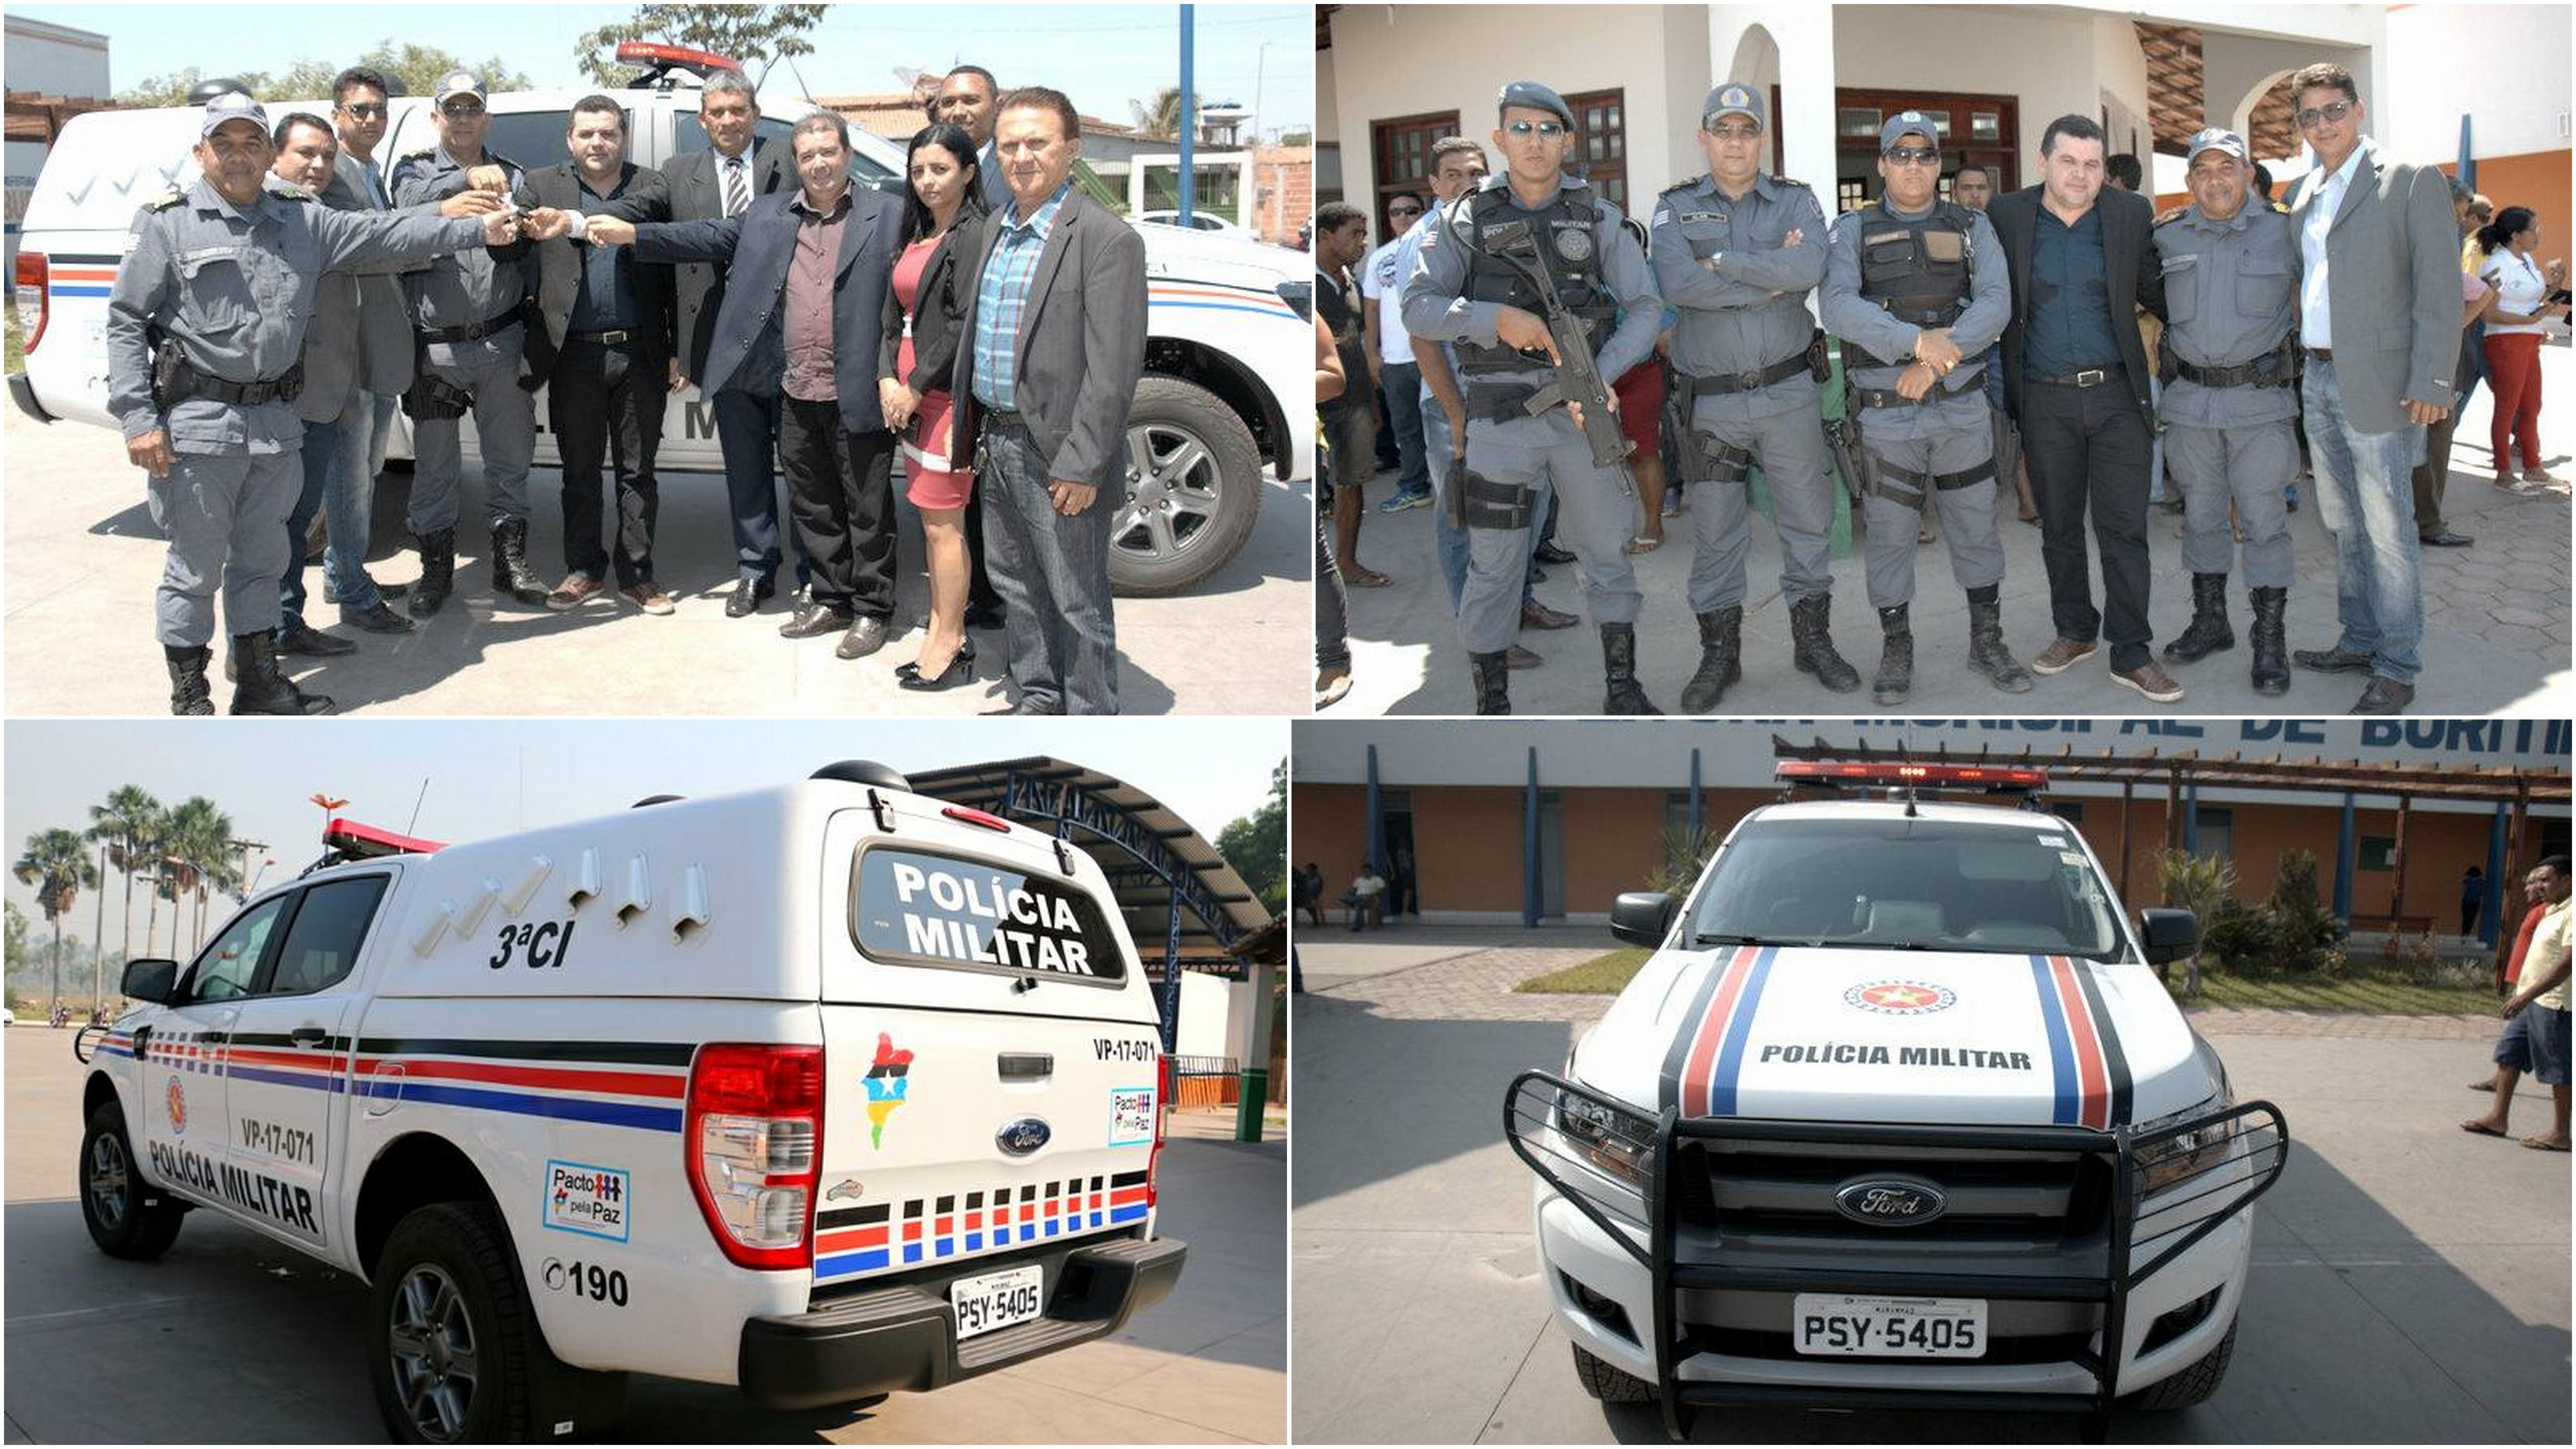 Buritirana recebe uma viatura para Polícia Militar